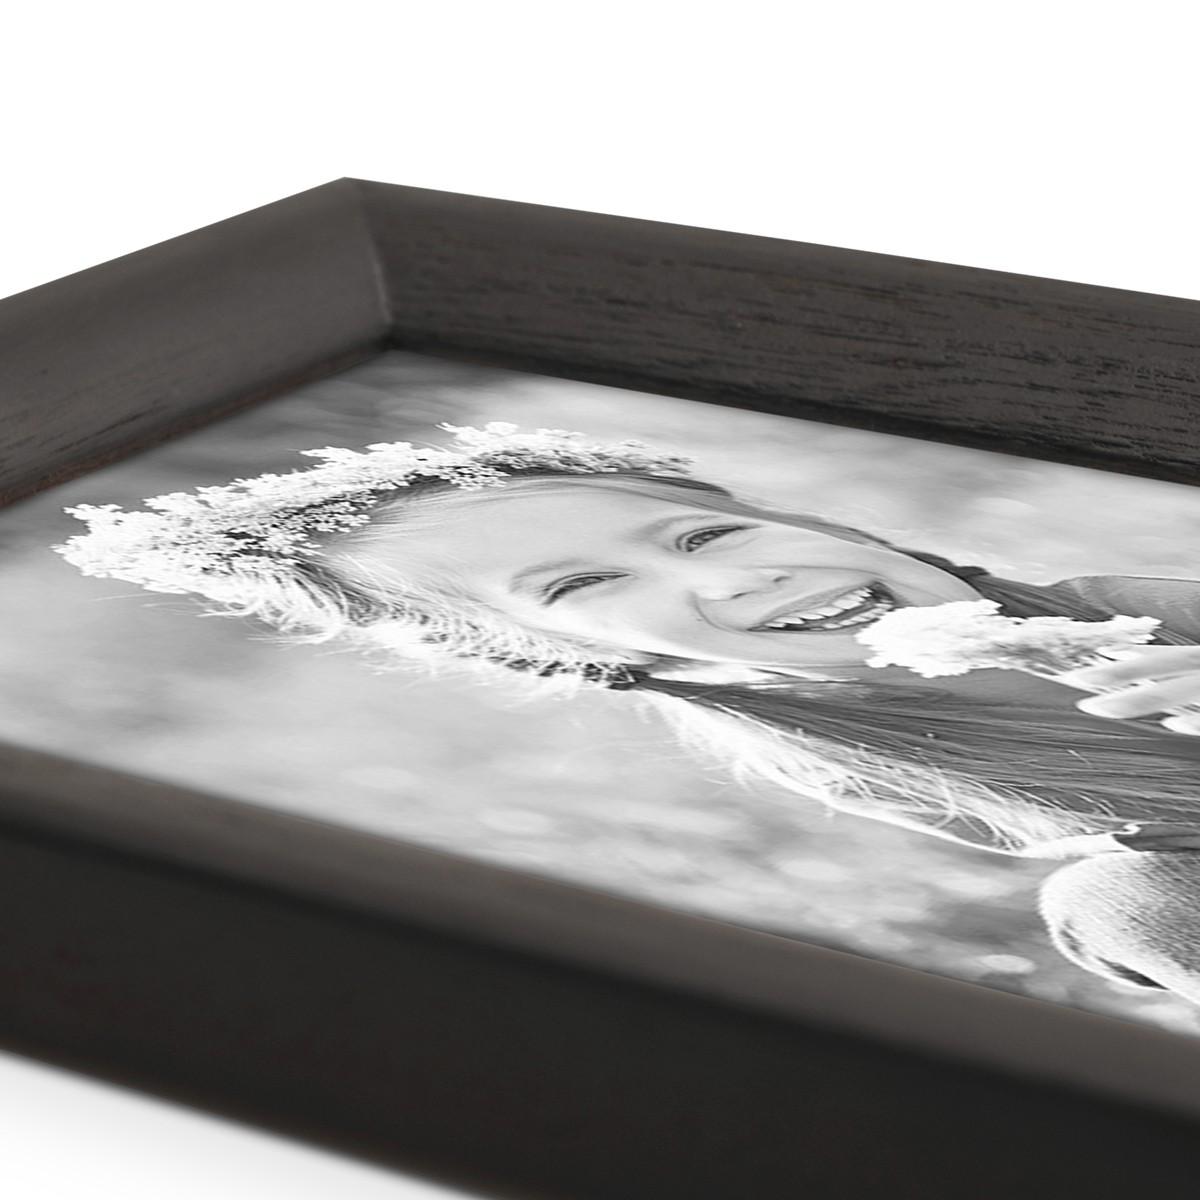 Bilderrahmen Landhaus Stil Schwarz 10x15 Cm Holz Rahmen / Fotorahmen /  Portraitrahmen U2013 Bild